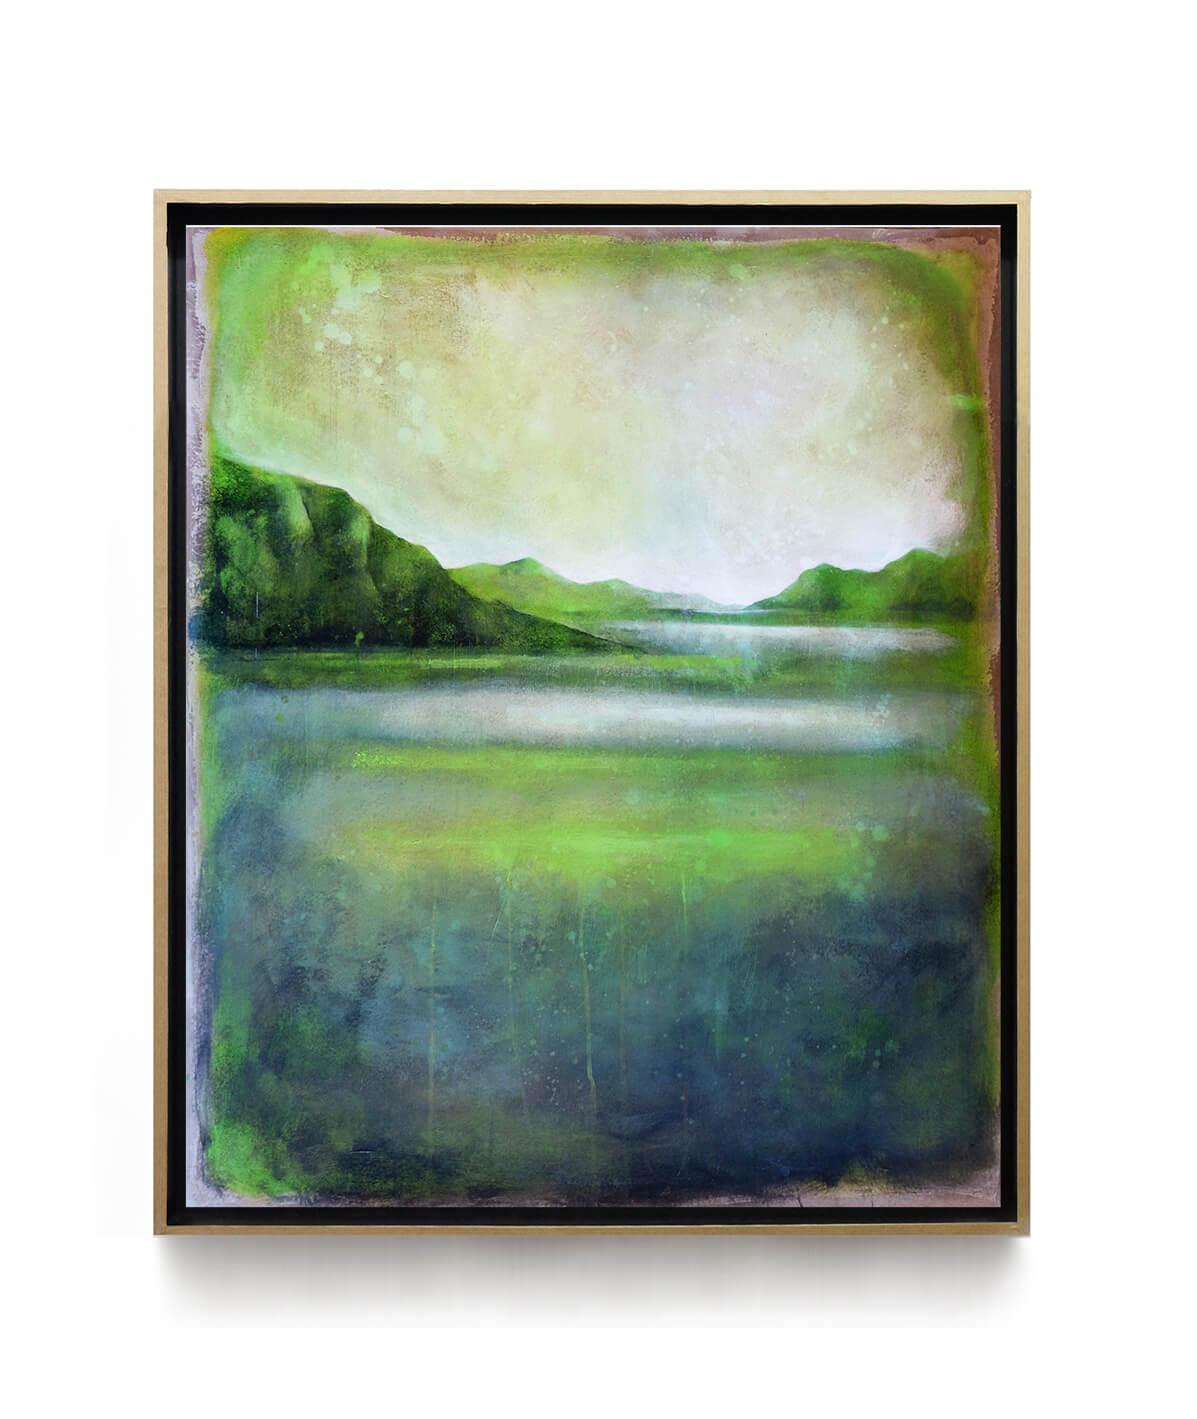 paysage_lagune_vert_100x80cm_acrylique_et_encre_sur_carton_encadre_lightbox